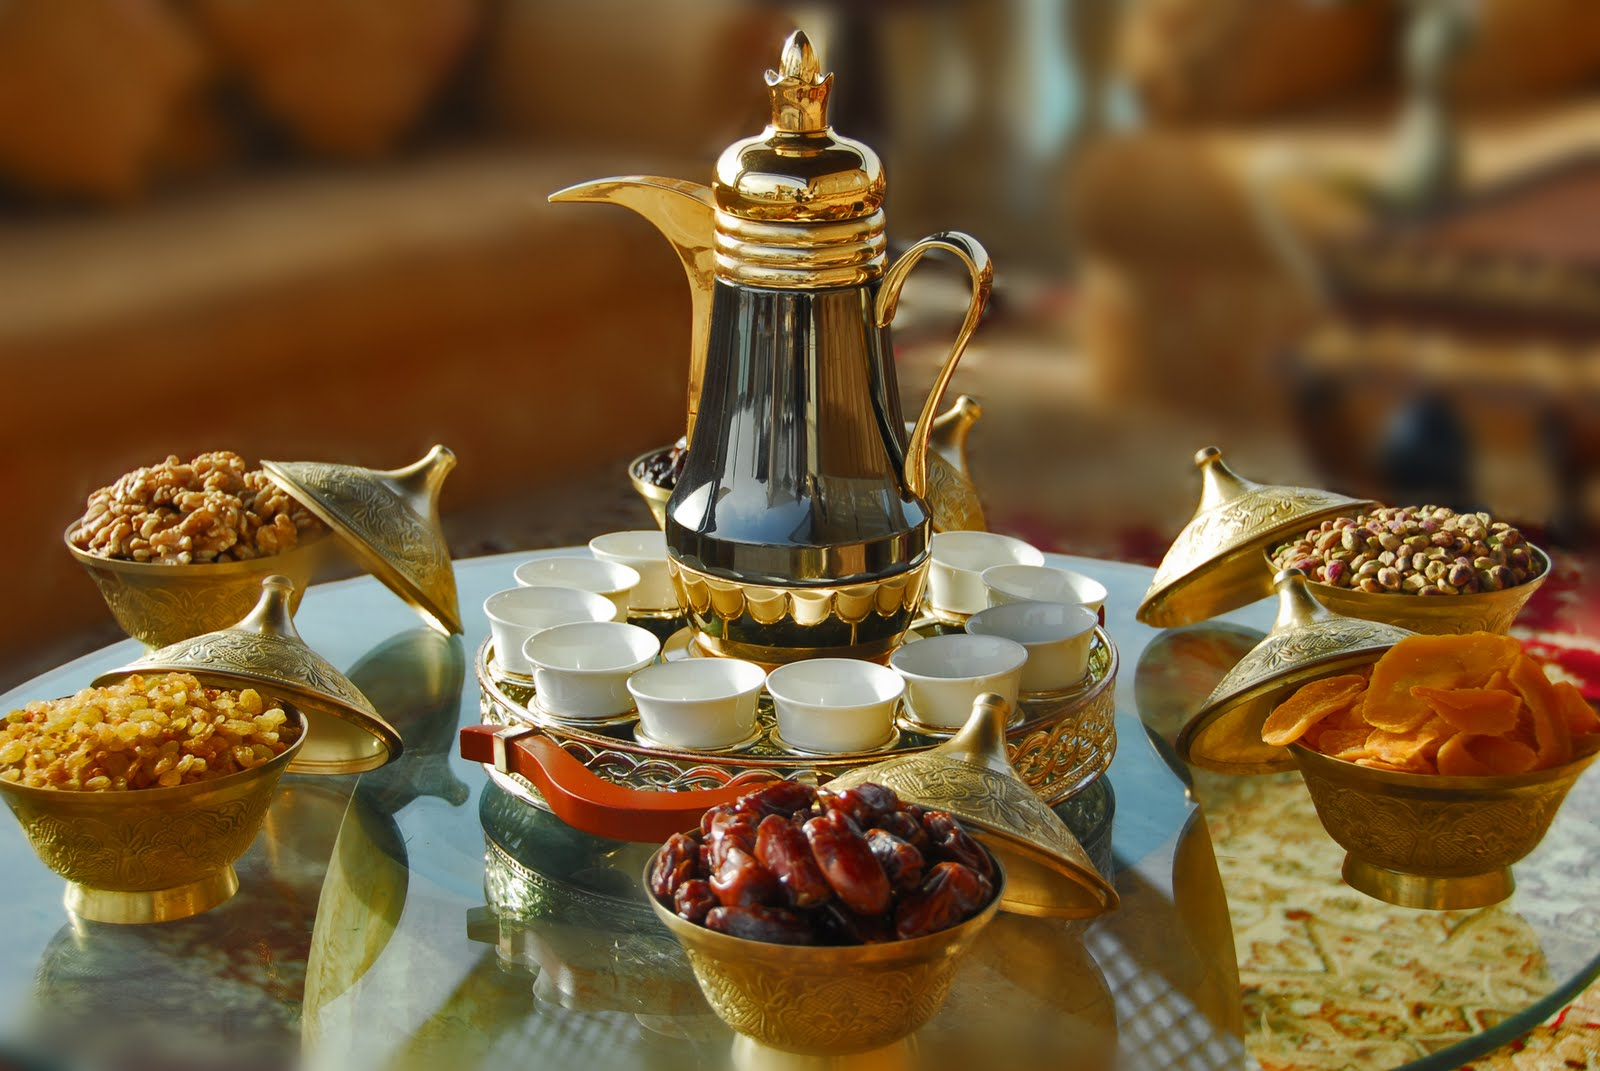 اجمل وجبات رمضانية من مطبخك 2017